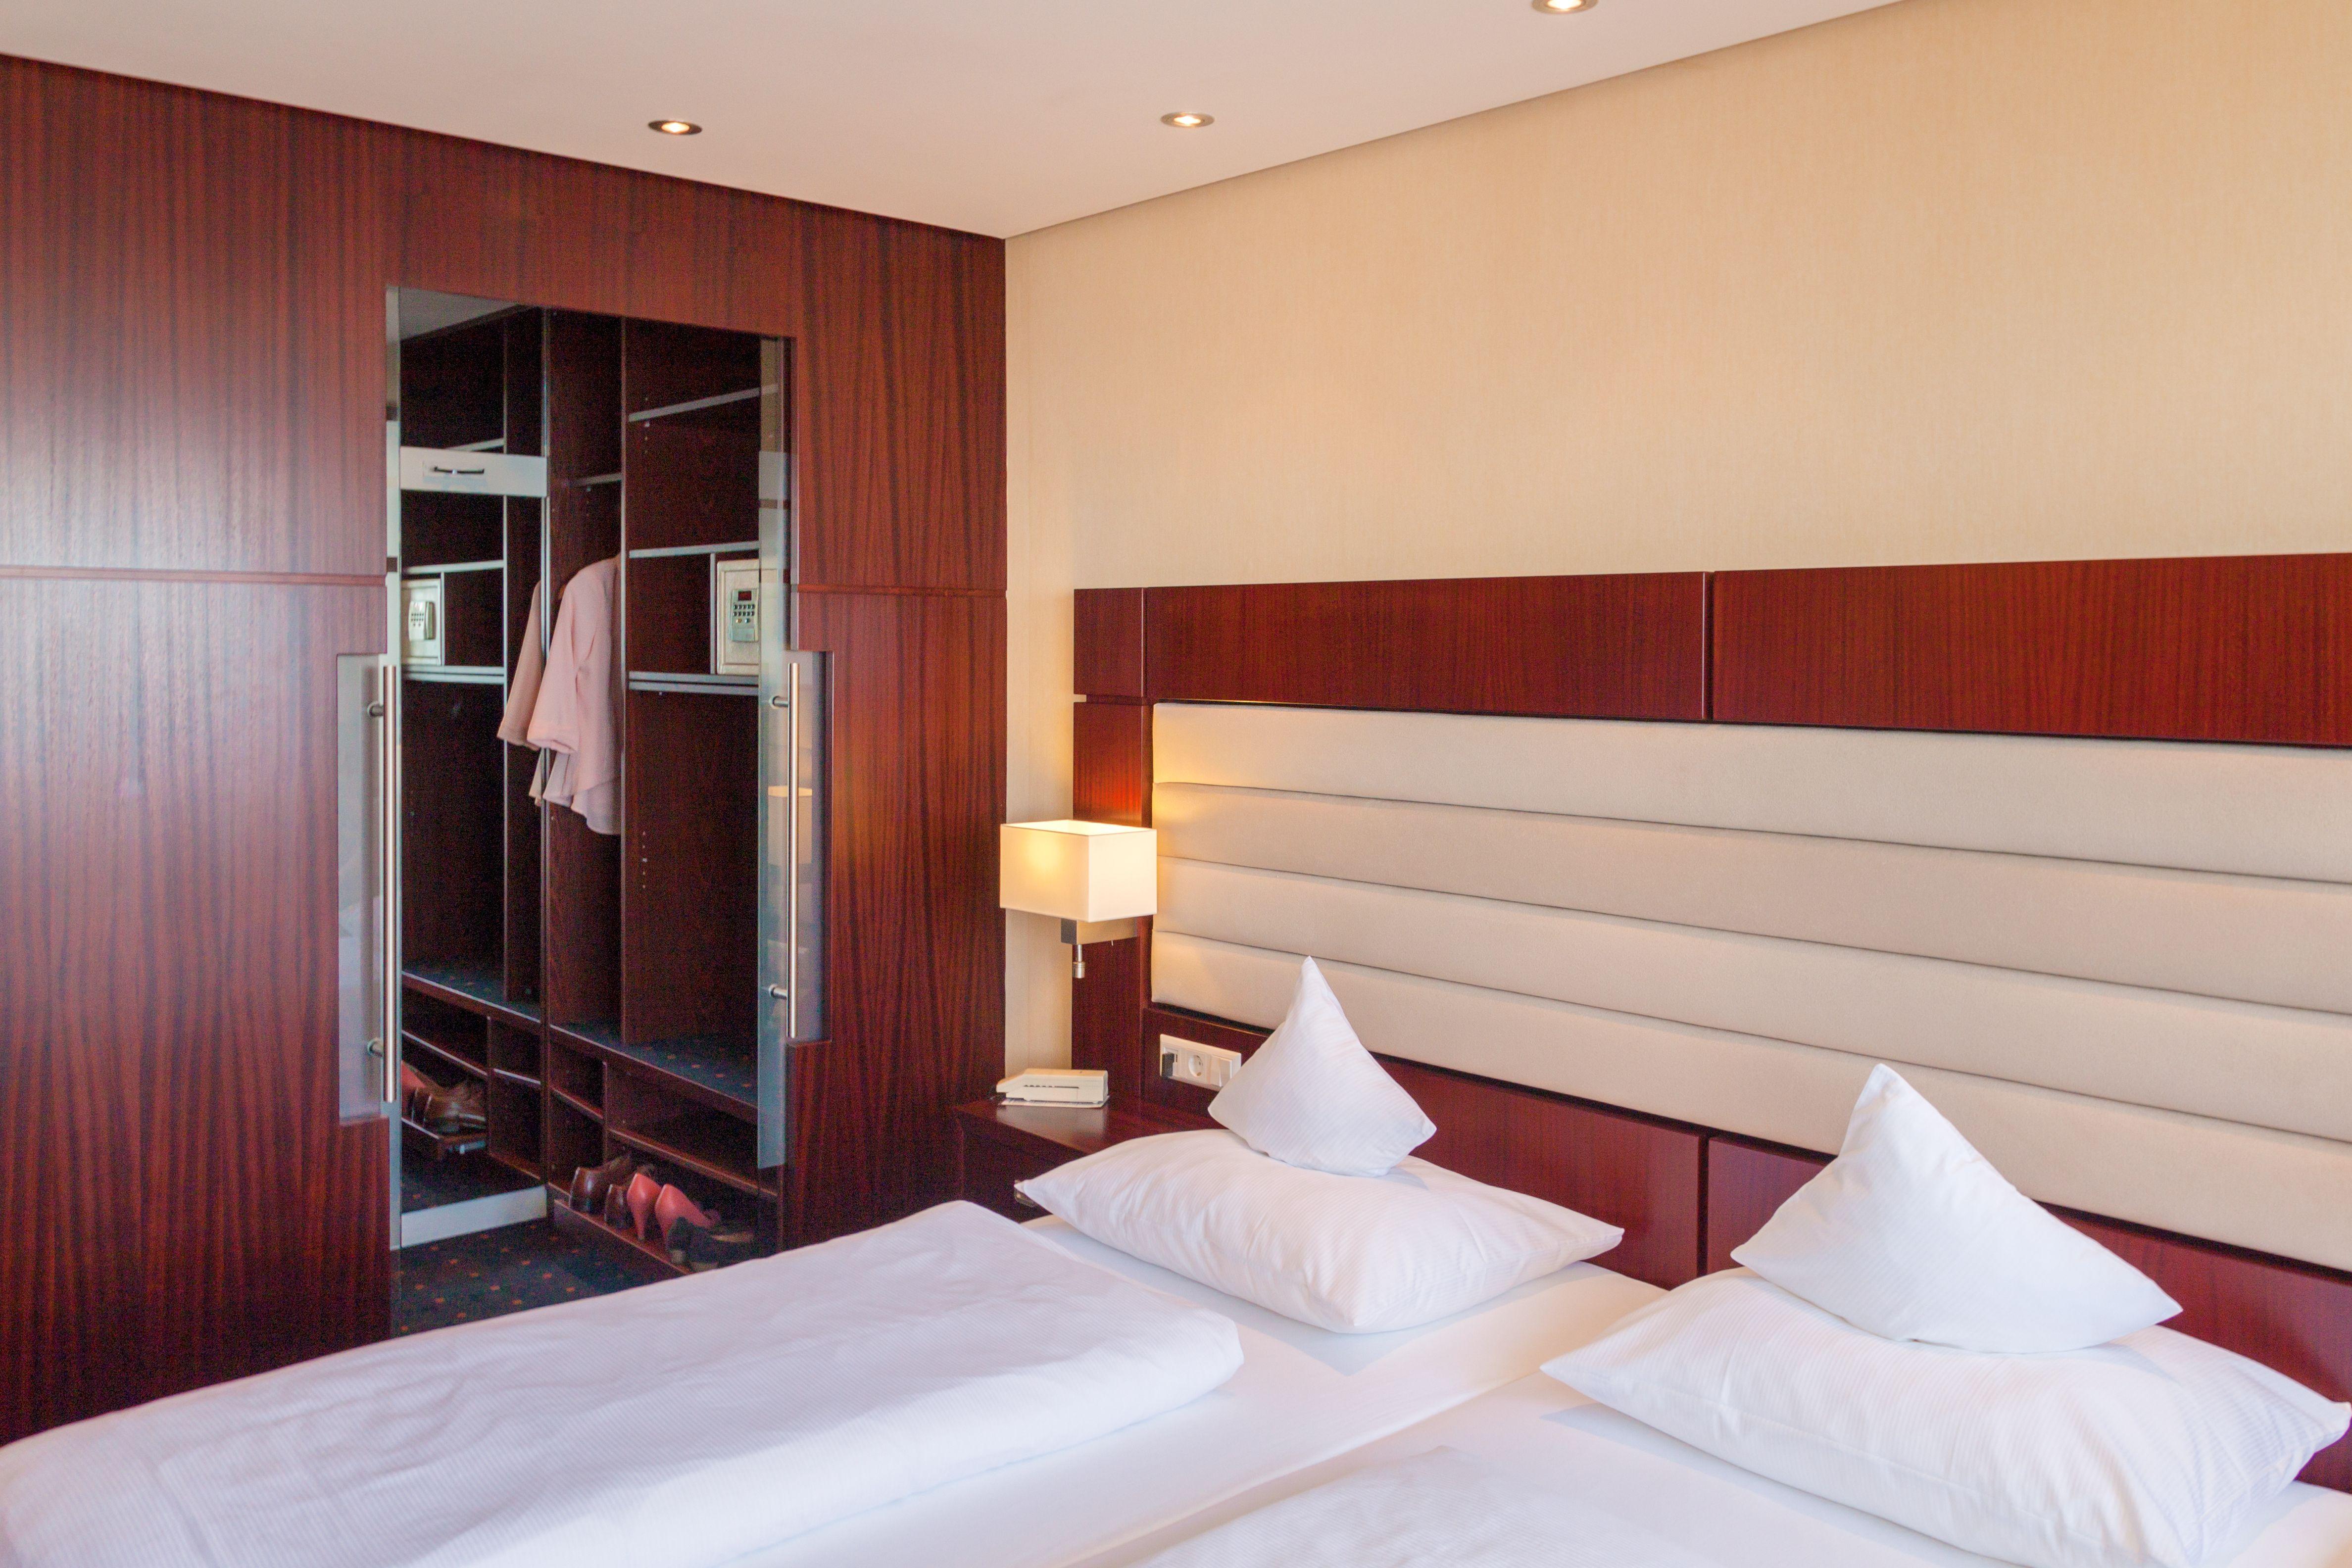 Großzügige Doppelzimmer (ca. 25-30 m²) mit Balkon direkt zum See. Die Zimmer sind zum großen Teil neu umgebaut und renoviert und ausgestattet mit Doppelbett, Bad mit Dusche und WC sowie Sofaecke, Schreibtisch und Flachbildfernseher. Ebenso sind Minibar, Fön und Wasserkocher vorhanden.